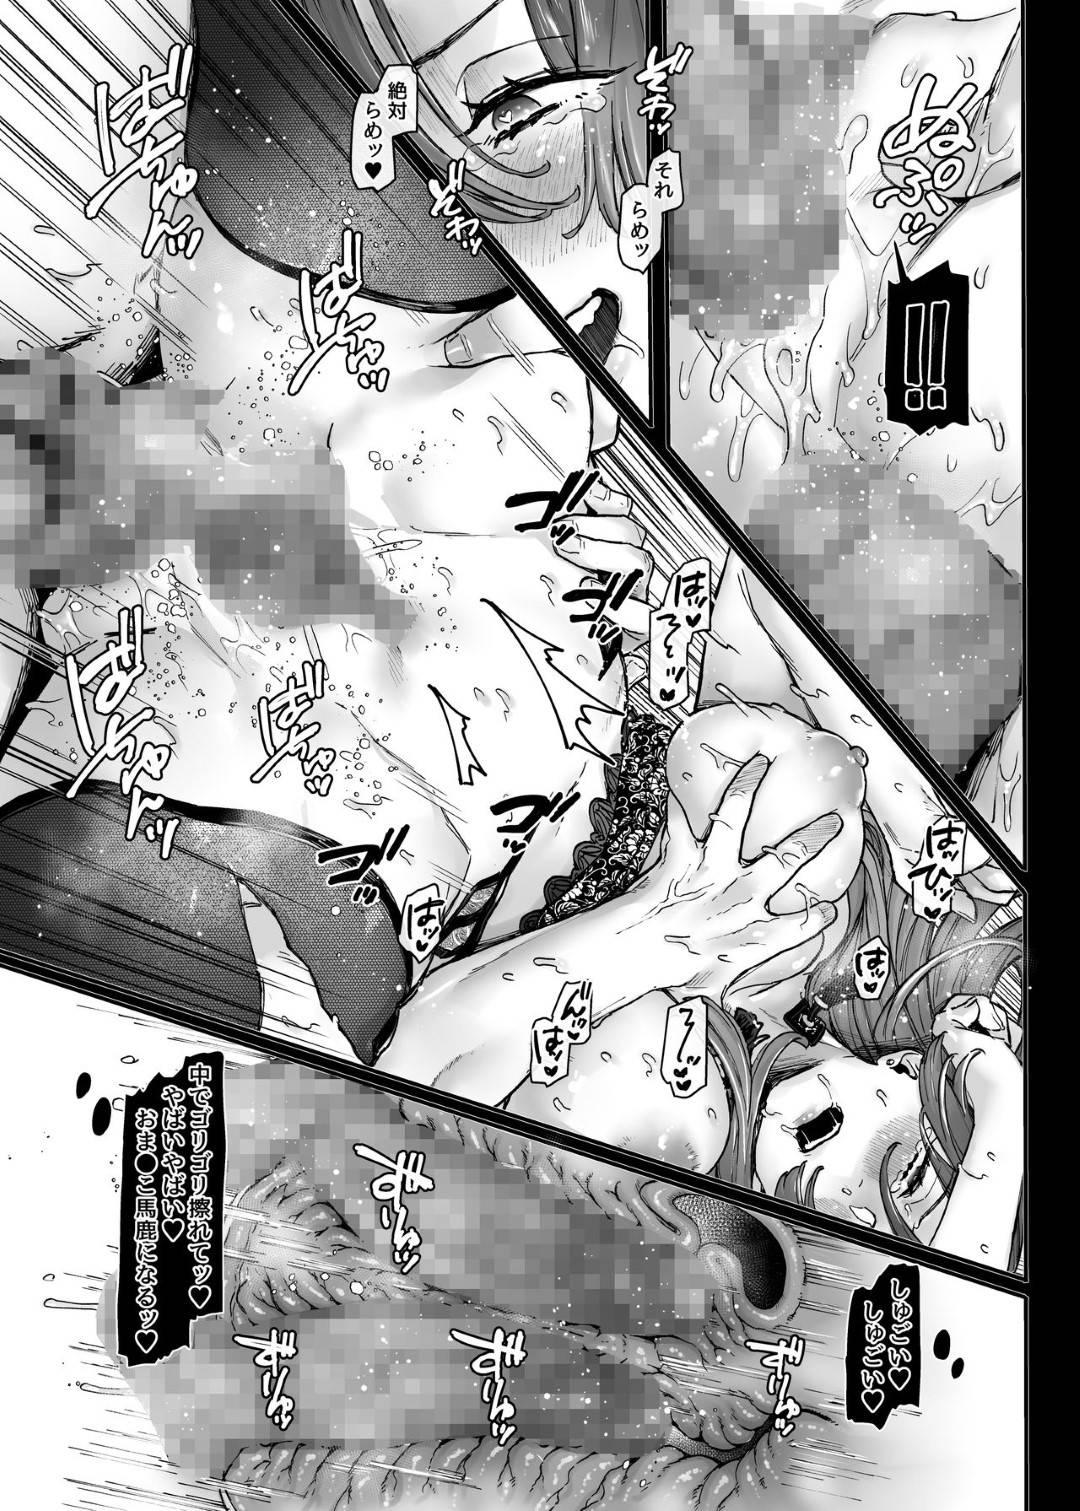 【エロ漫画】地下室で男を飼いならすVRAVでオナニーする淫乱お姉さん…彼女は地下室内で男たちに取り囲まれてはフェラや手コキ、パイズリなどエッチな事をし、次々と生挿入乱交セックスまでさせる!【露々々木もげら:ラストモール~首吊男子と肉食女子~ 第5話 彼女の秘密】